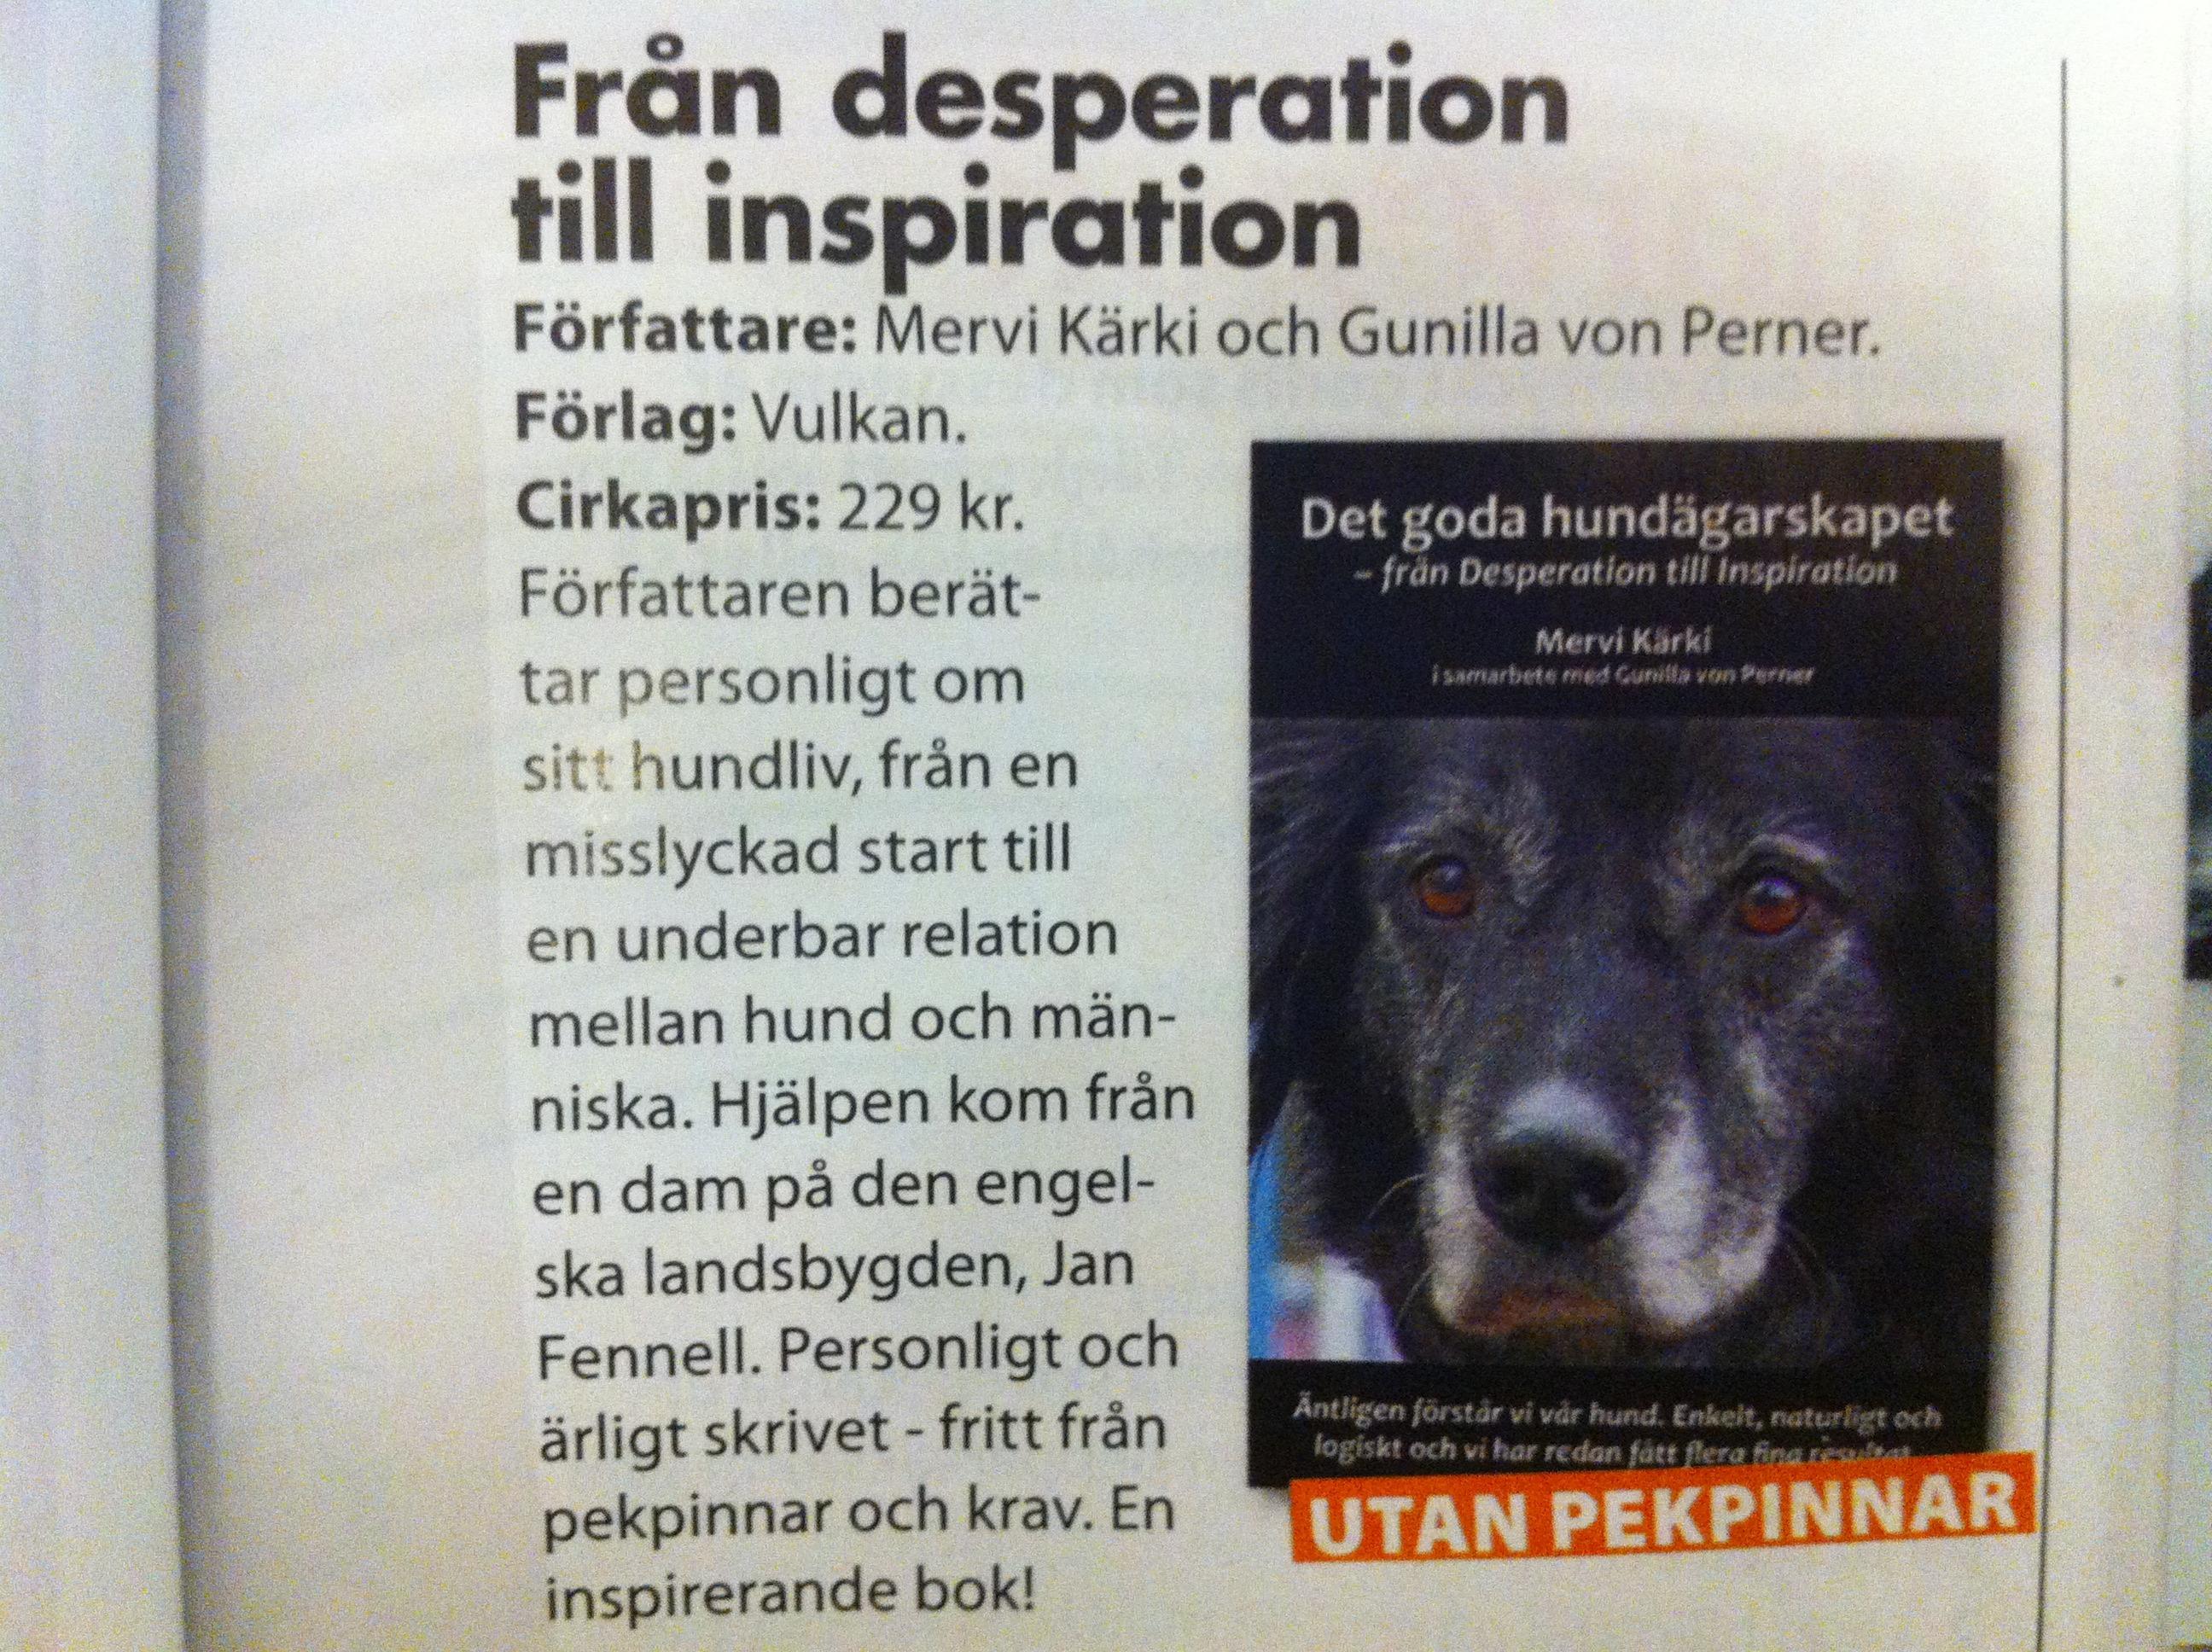 Det goda hundägarskapet - från Desperation till Inspiration av Mervi Kärki & Gunilla von Perner